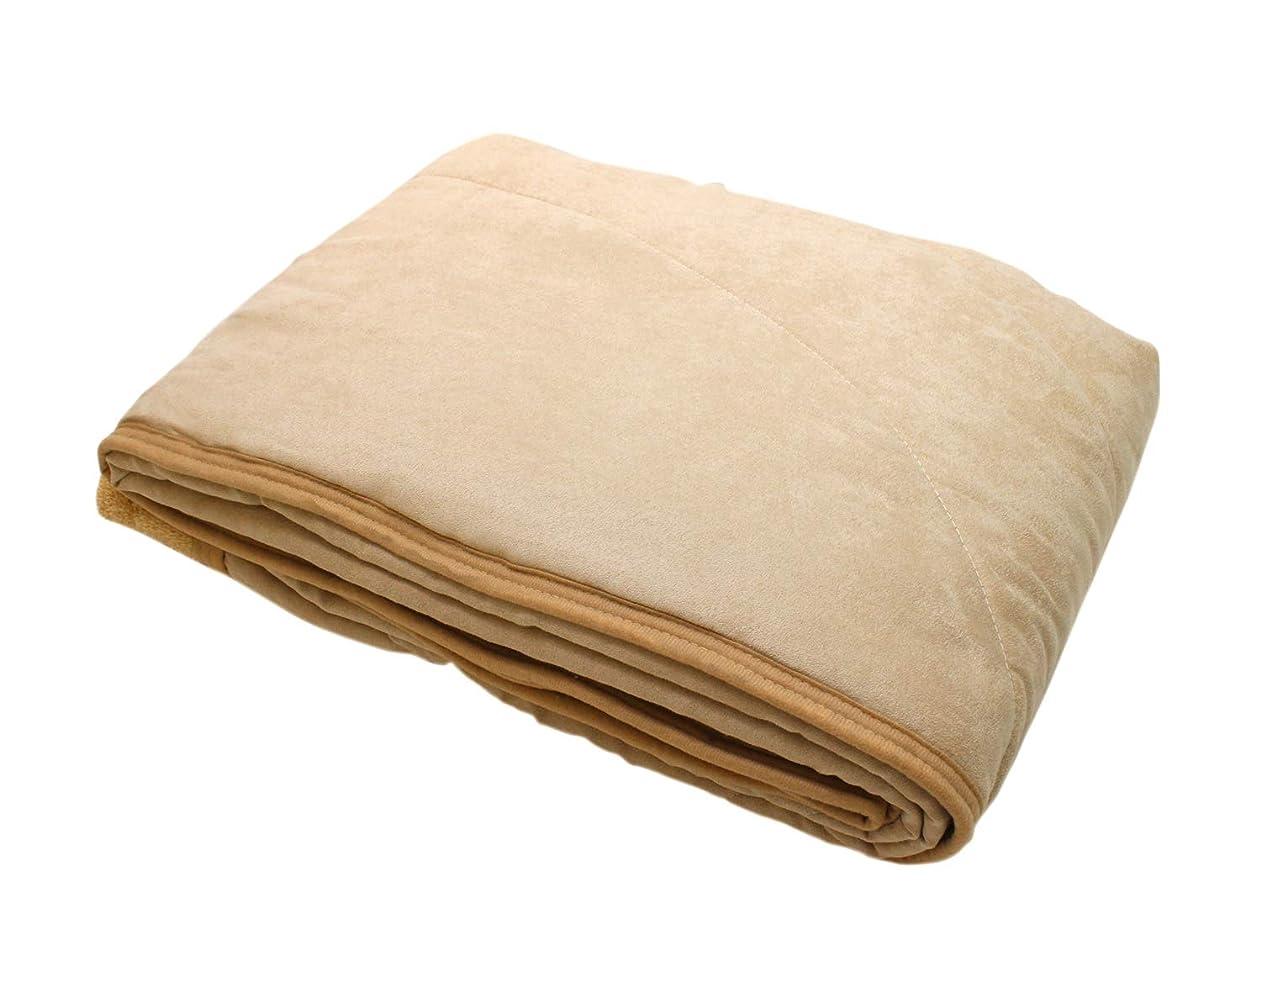 徹底的にスクランブル資格ロマンス小杉 毛布 ベージュ シングル(140×200cm) ロマンス岩盤浴 キルトケット(ボアタイプ) 1-3300-8915-8400